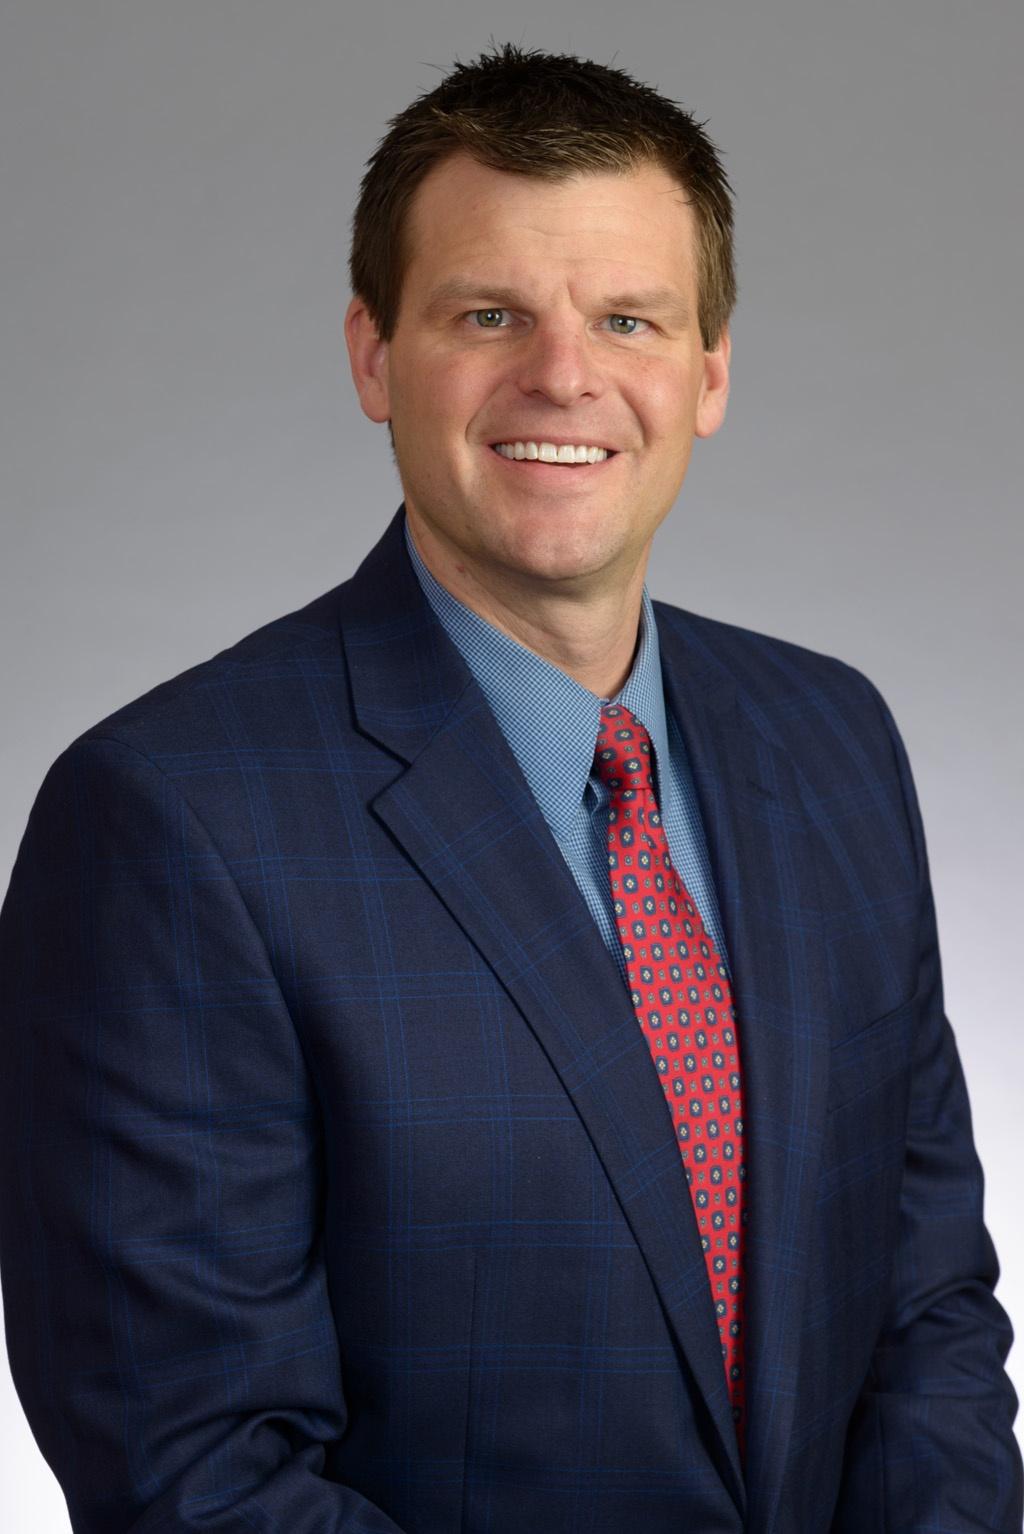 Michael J. Adler